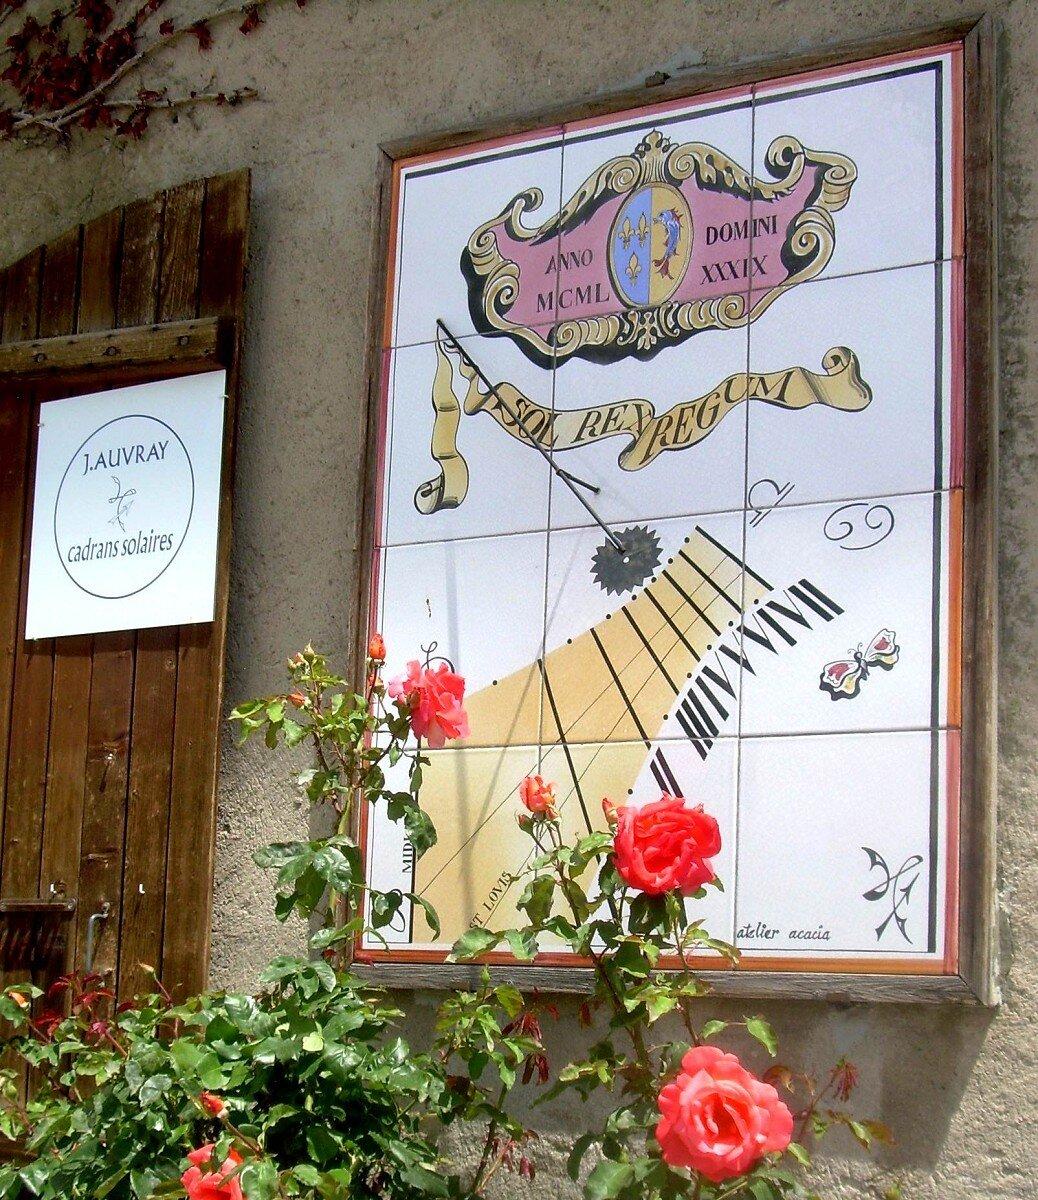 atelier acacia Mont-Dauphin Le soleil commande aux rois